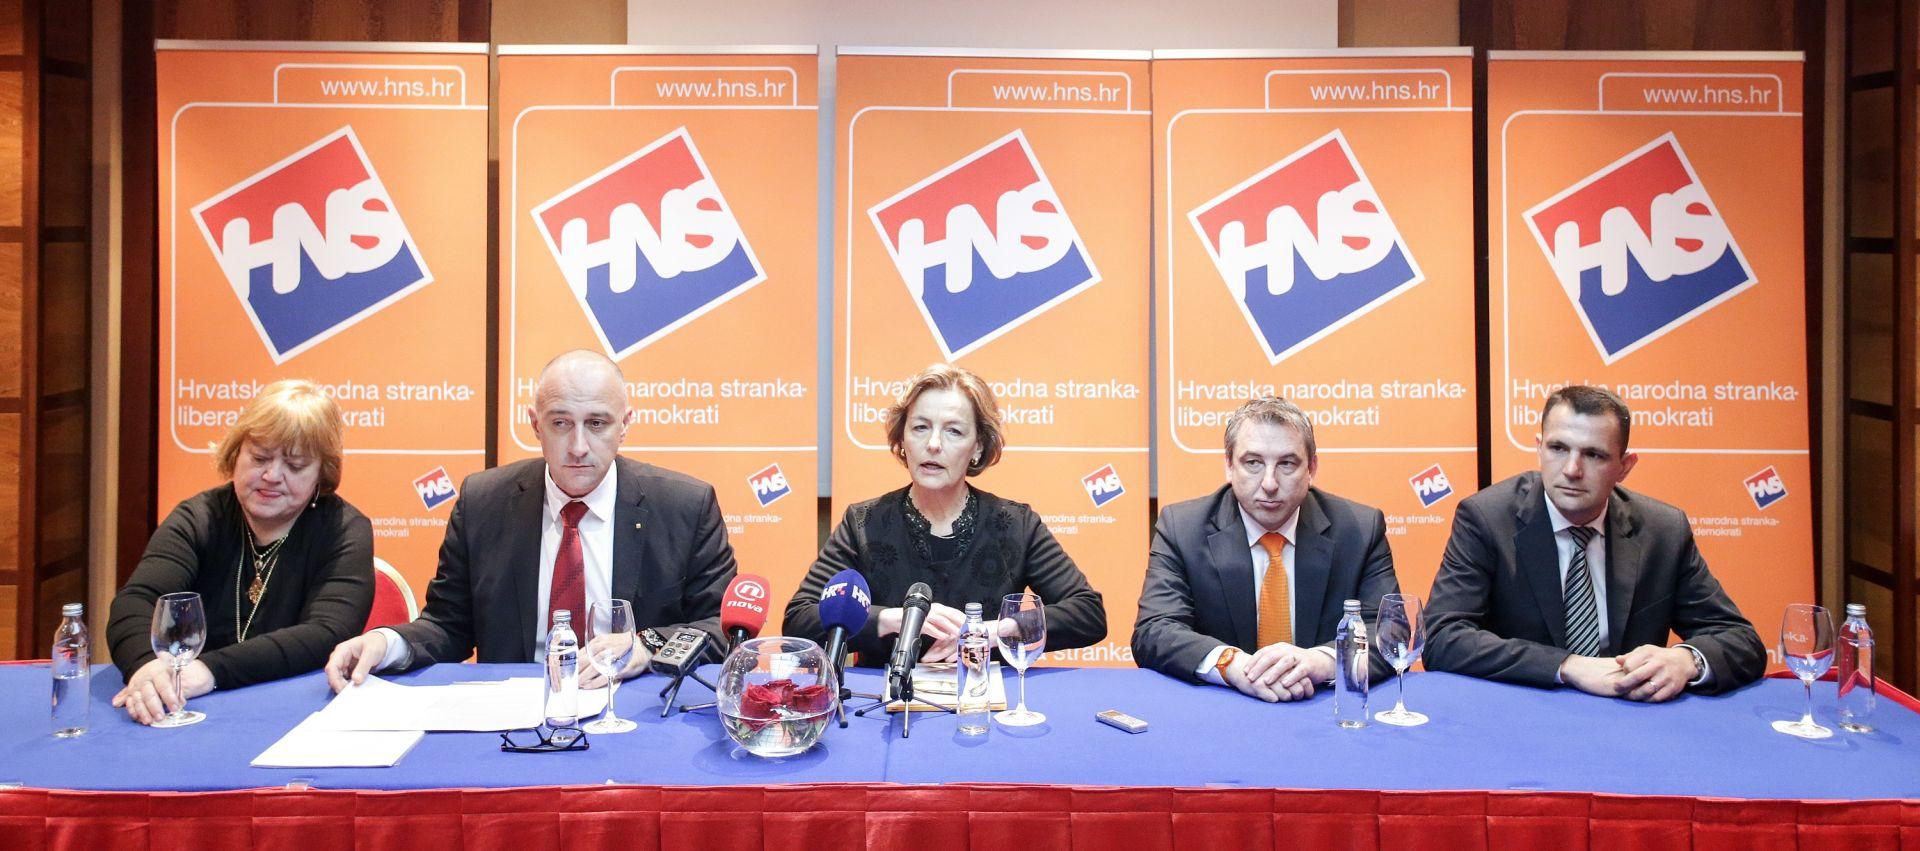 Vrdoljak: Ne postoji šansa za suradnju s HDZ-om